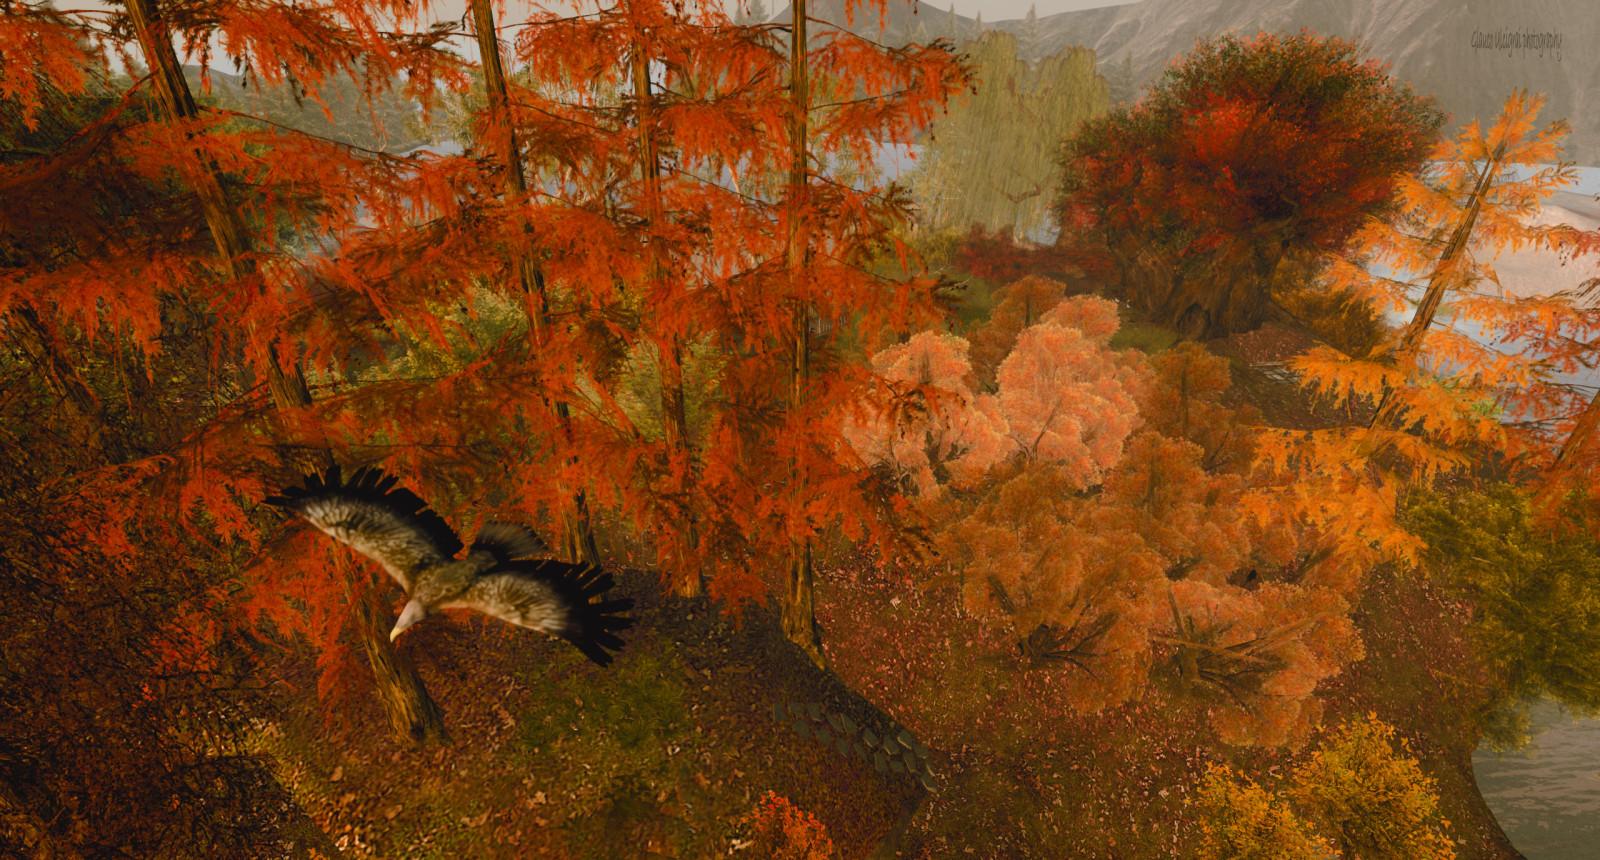 Masaüstü Ekosistem Boyama Yaprak Sonbahar Ağaç Manzara